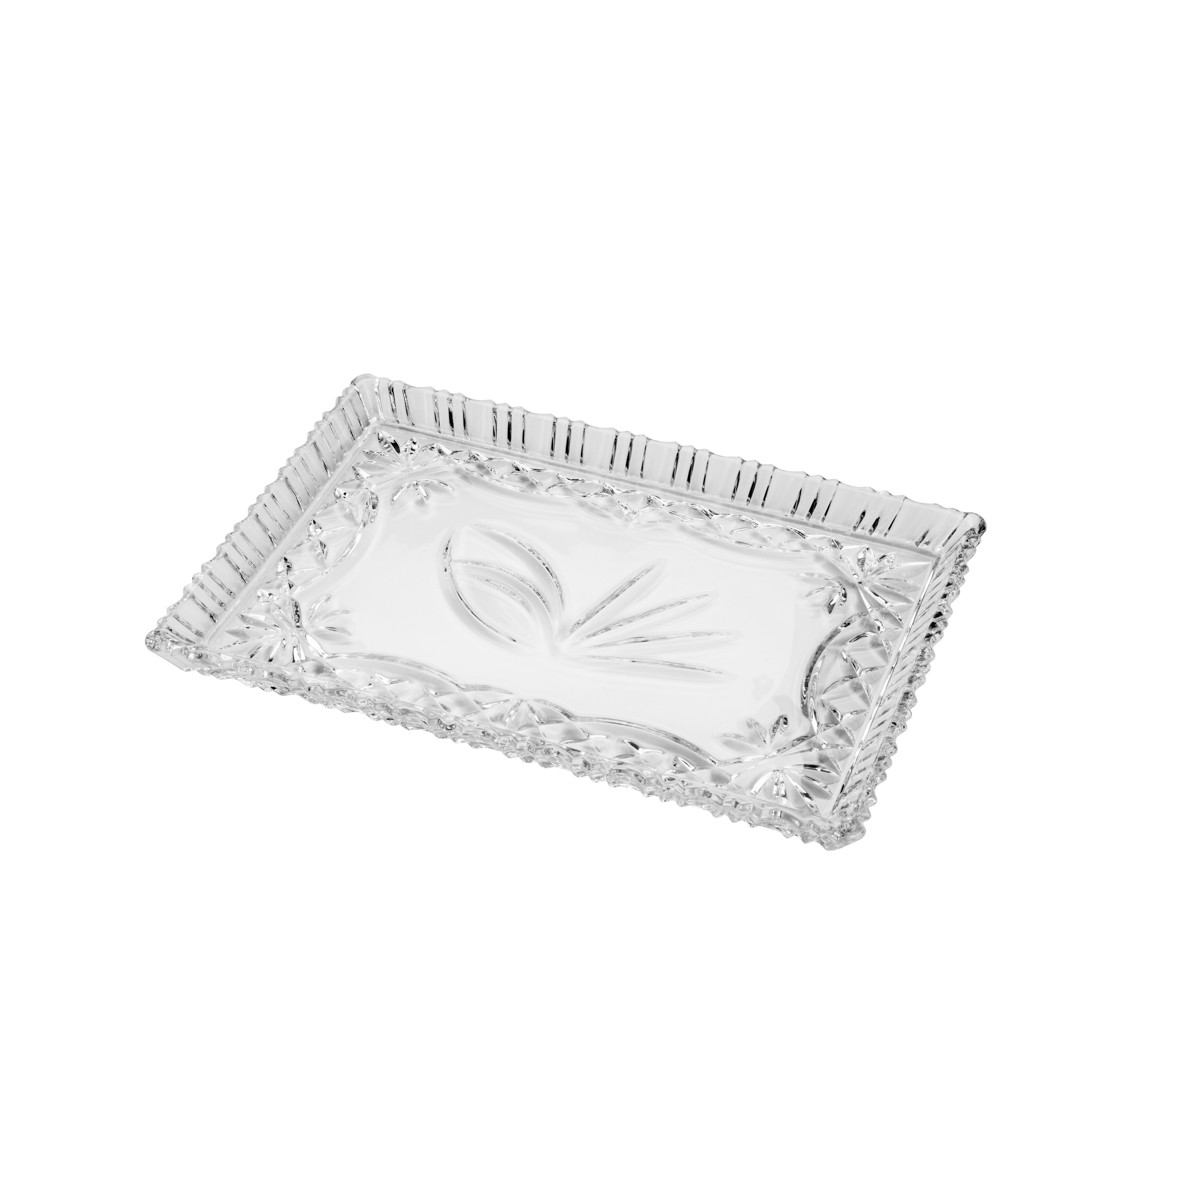 Travessa de Cristal Janine Transparente 29cm - Lyor